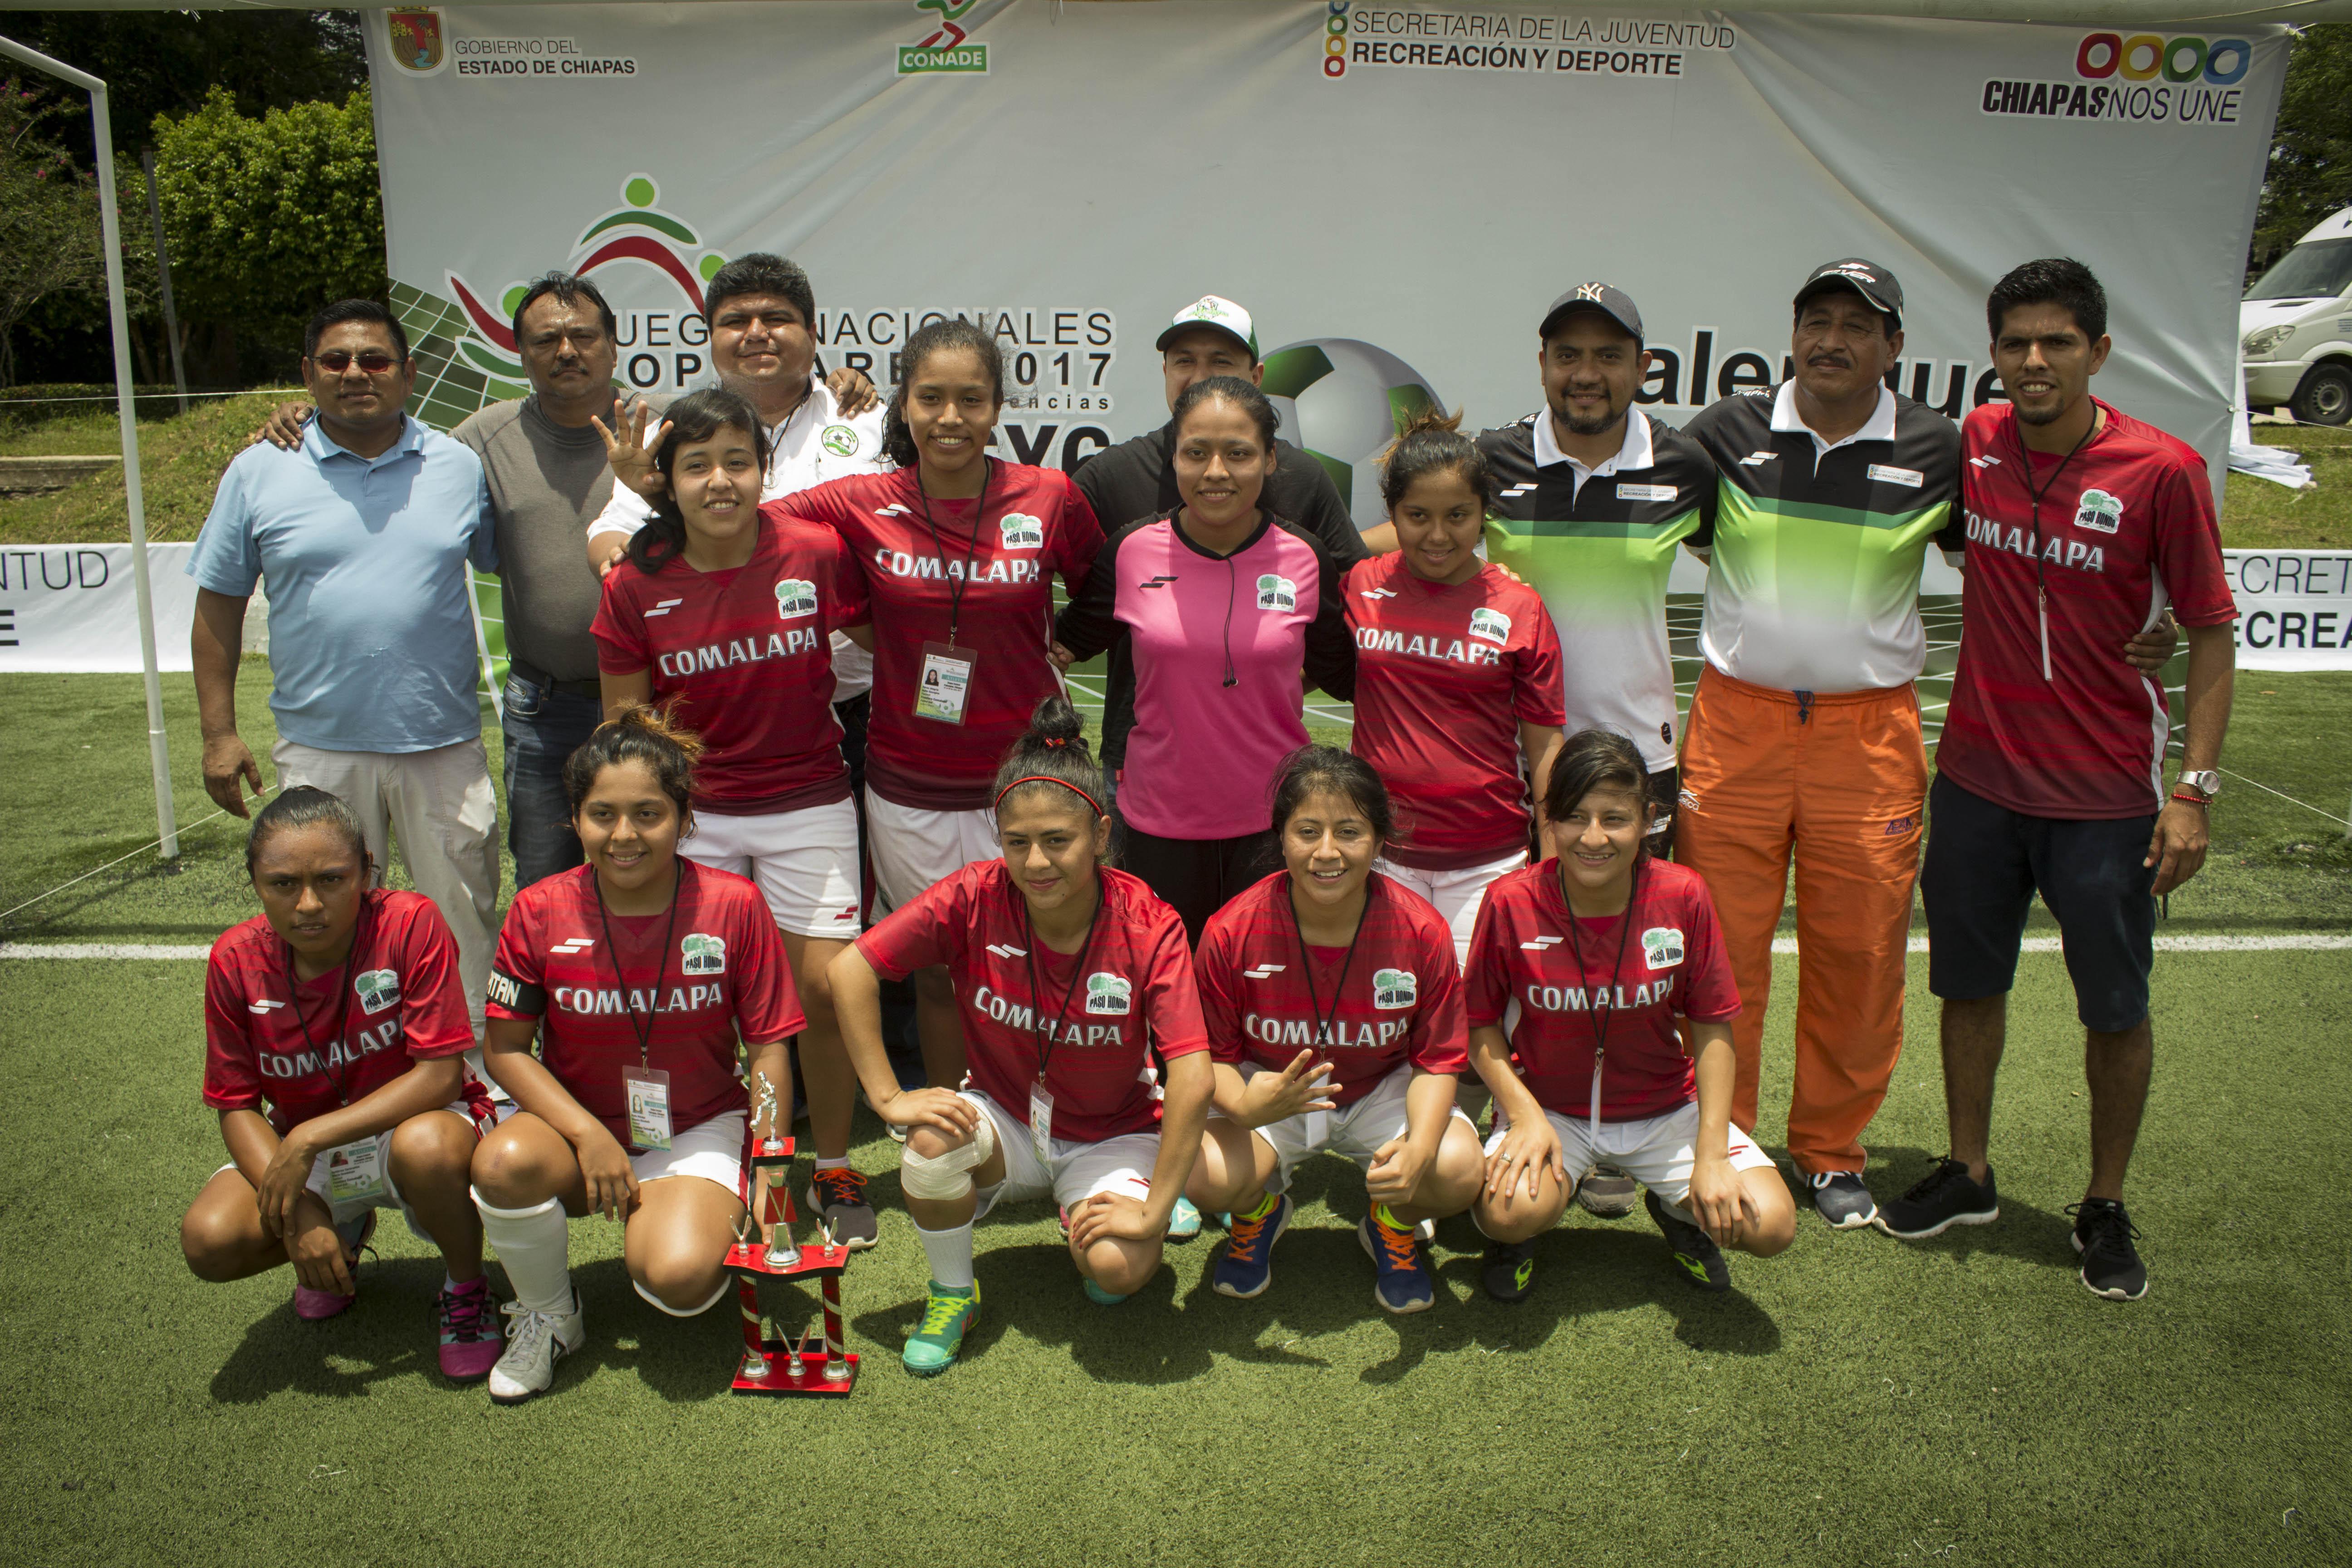 Frontera Comalapa y Palenque, campeones del Estatal de Futbol 6×6